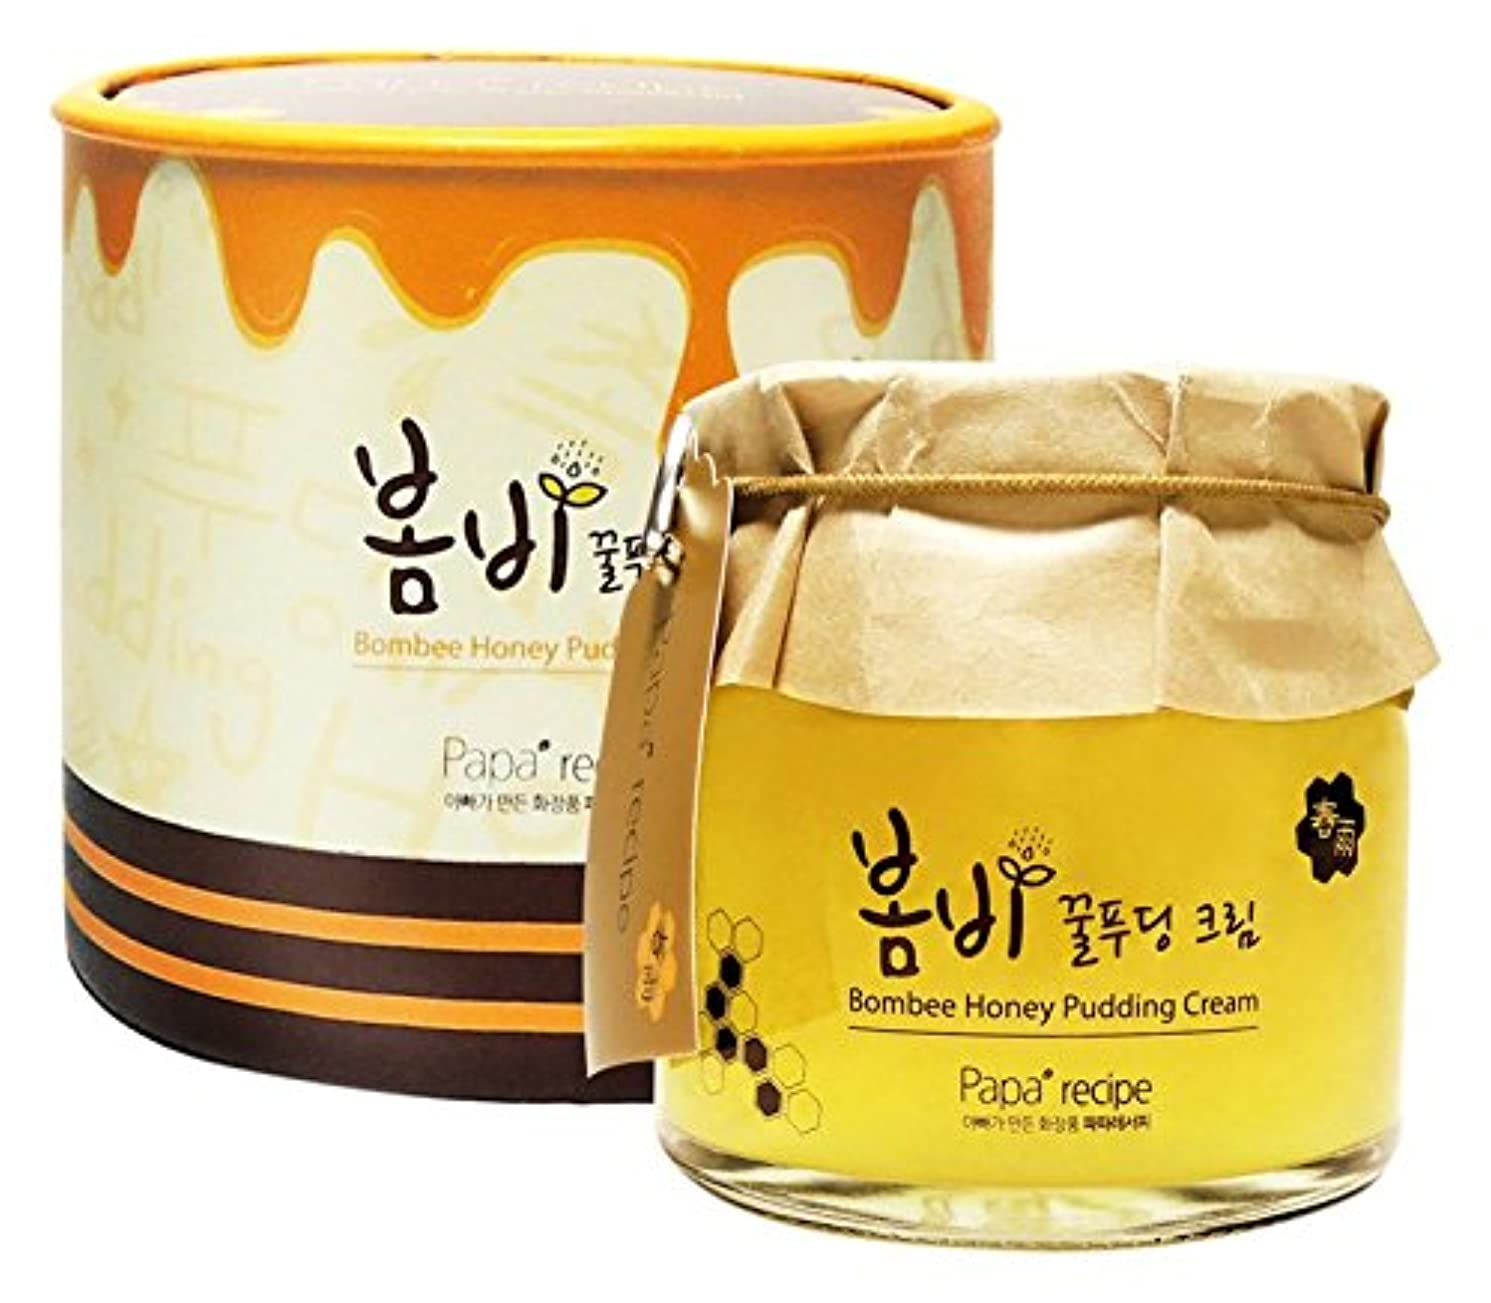 盲目モノグラフ裕福なPapa recipe Bombee Honey Pudding Cream 135ml/パパレシピ ボムビー ハニー プリン クリーム 135ml